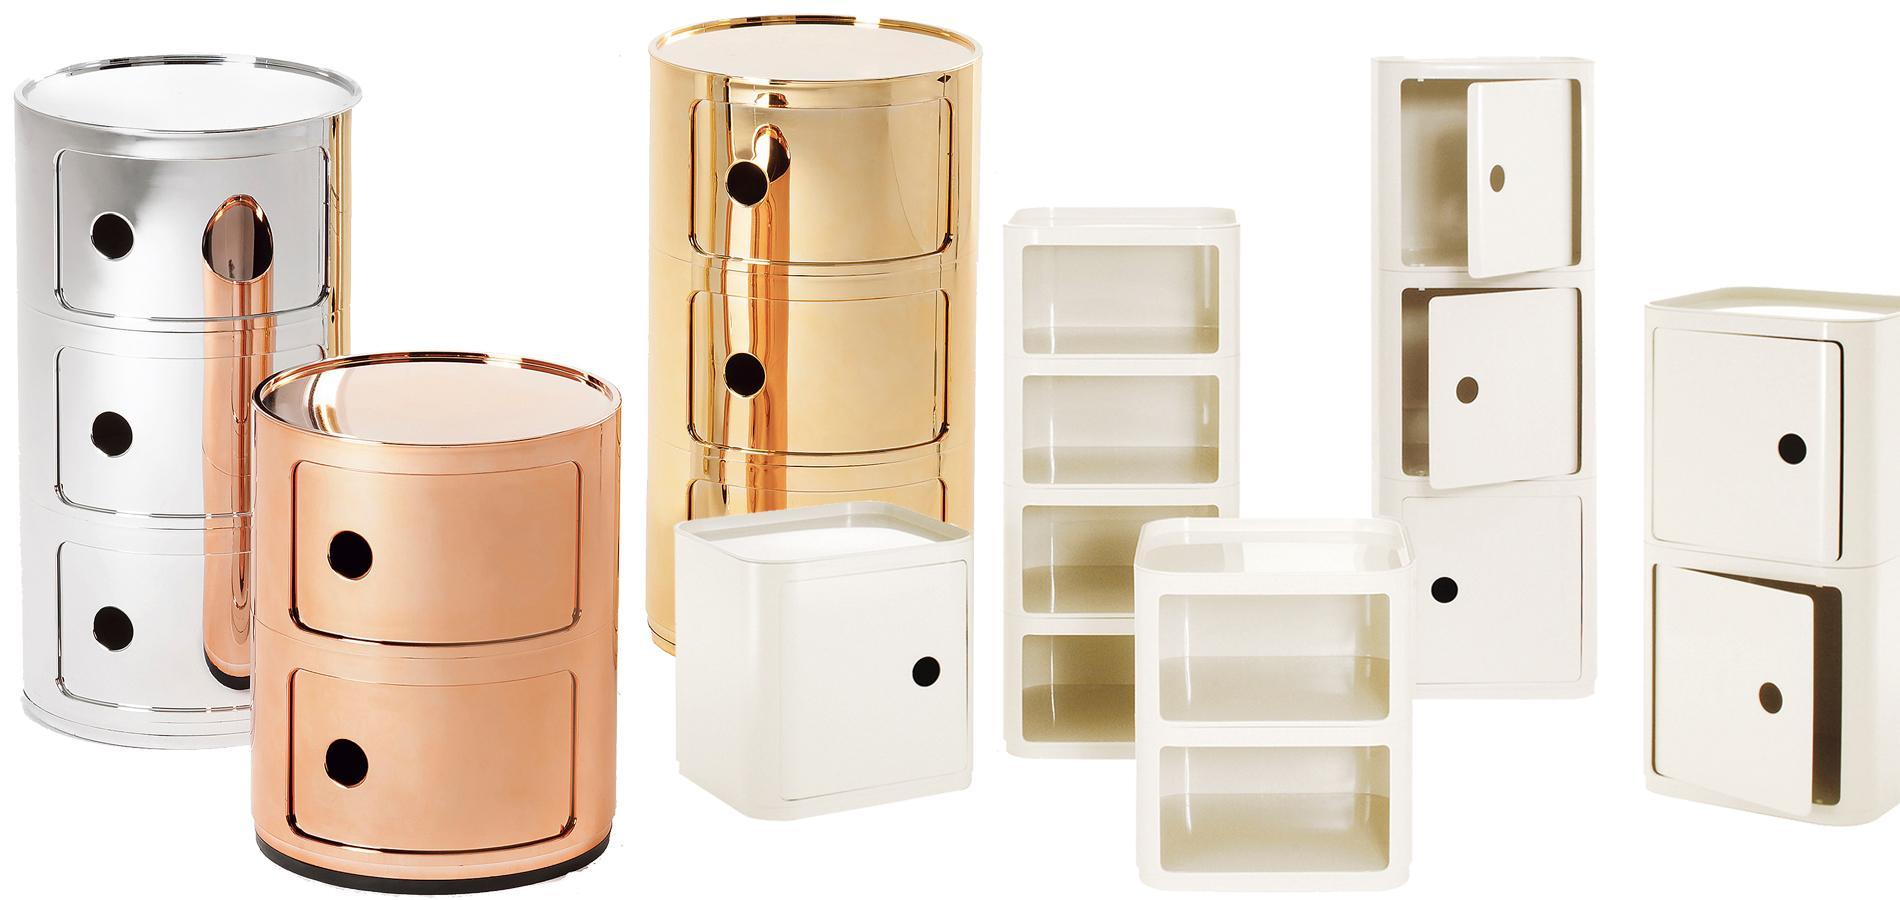 Componibili de kartell meubles stars du modulable for Meuble kartell